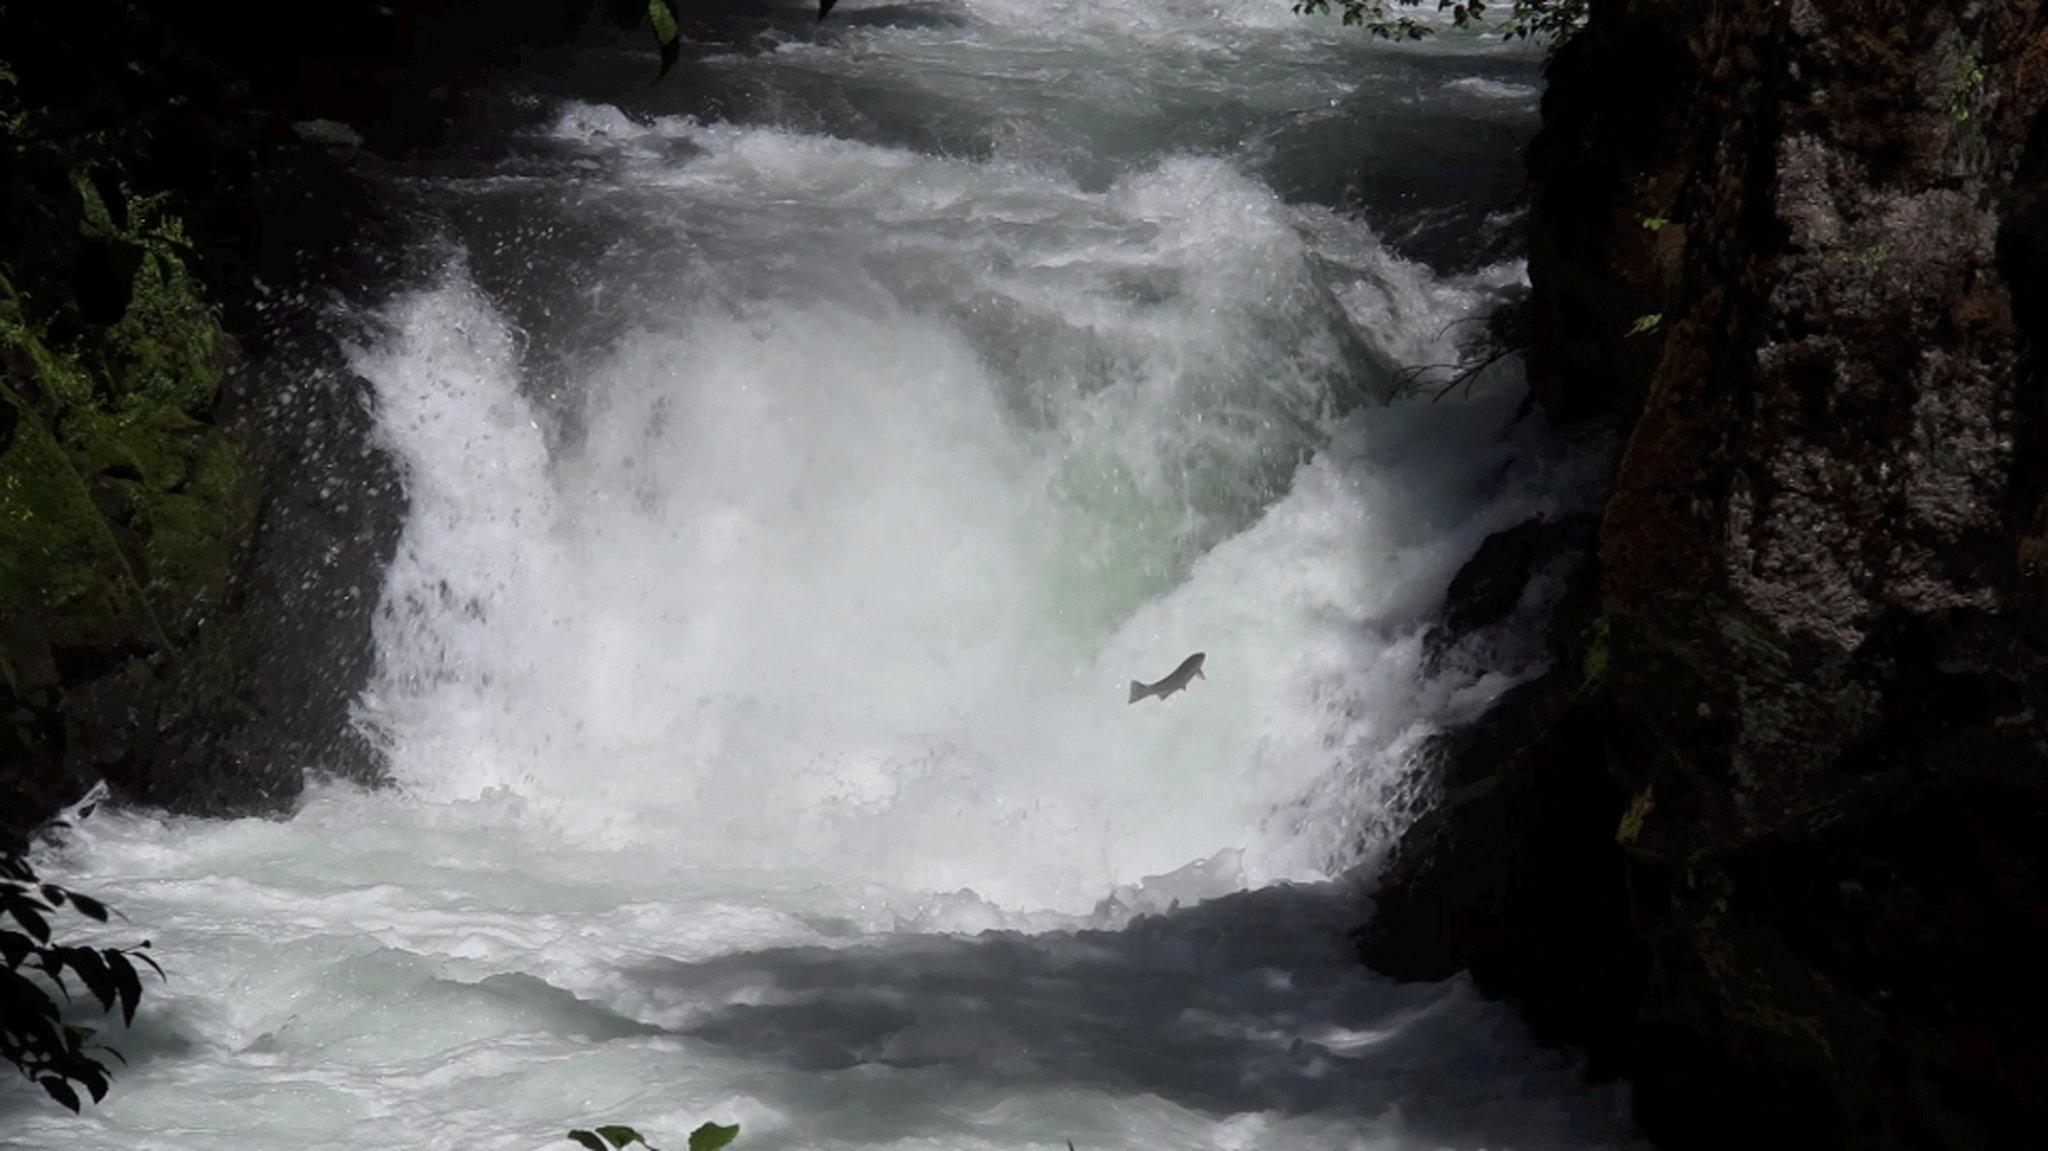 steelheadbz-falls-white-salmon-basinjpg-ccf27bb861739b4d[1]